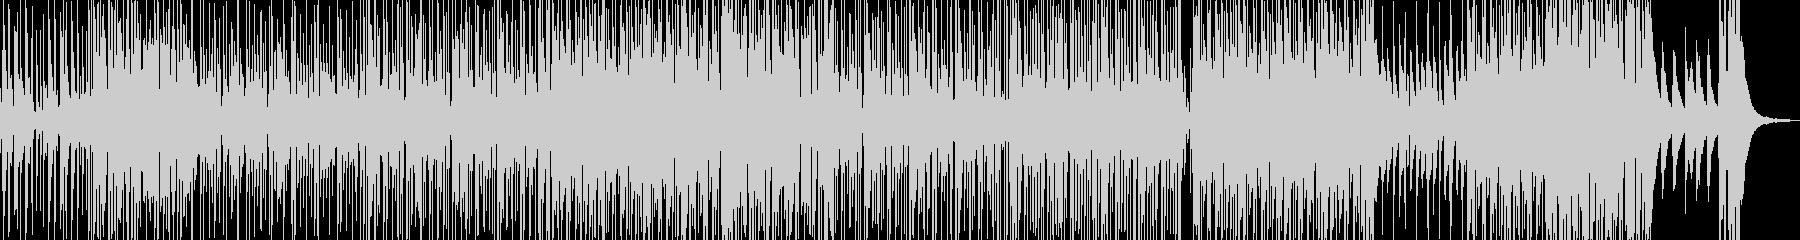 楽しくも切ないR&Bの未再生の波形